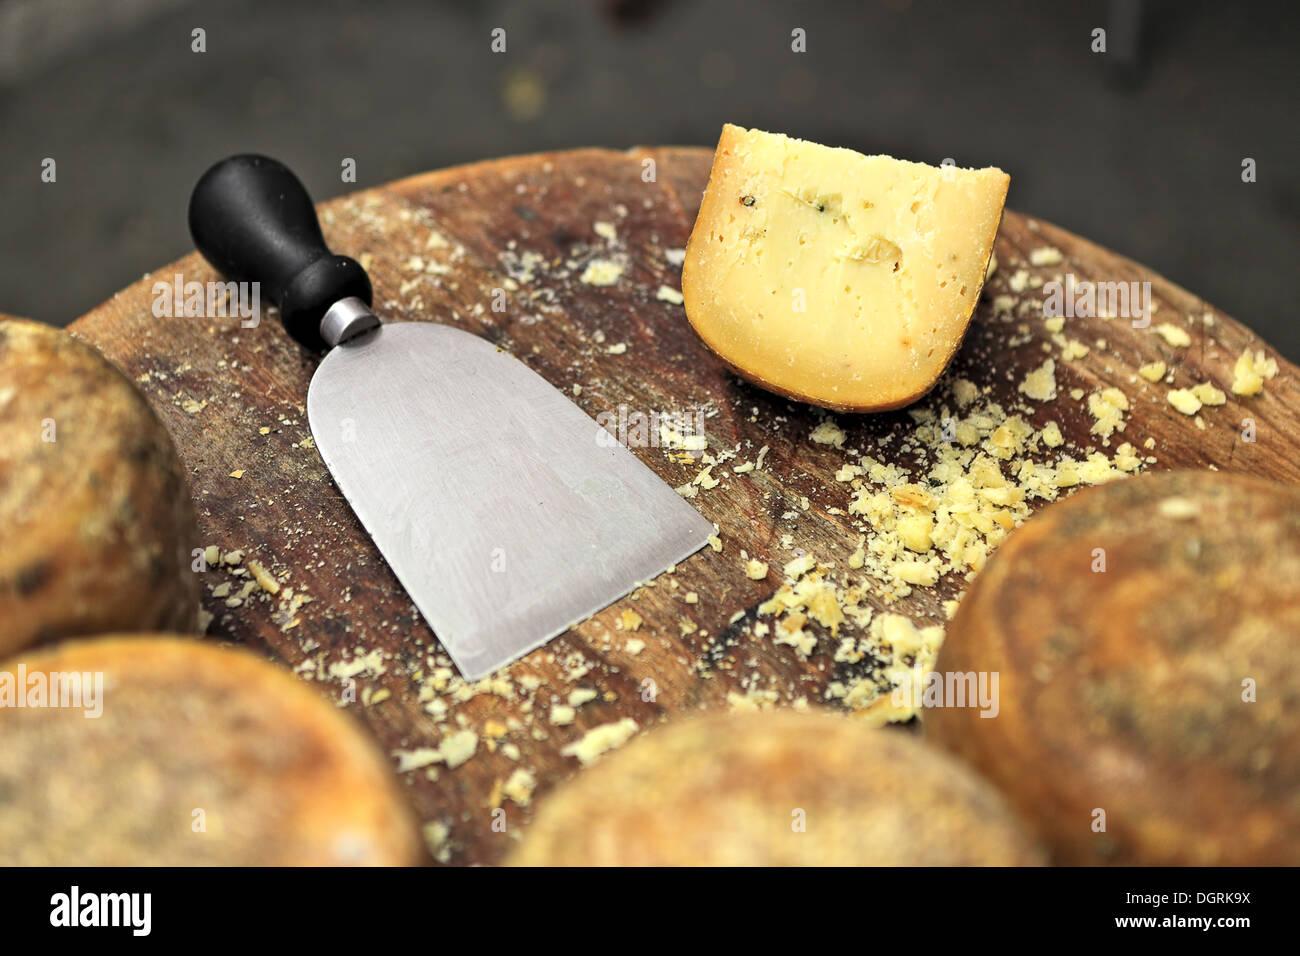 Cuchillo especial y famoso italiano queso pecorino en la pequeña mesa de madera. Imagen De Stock